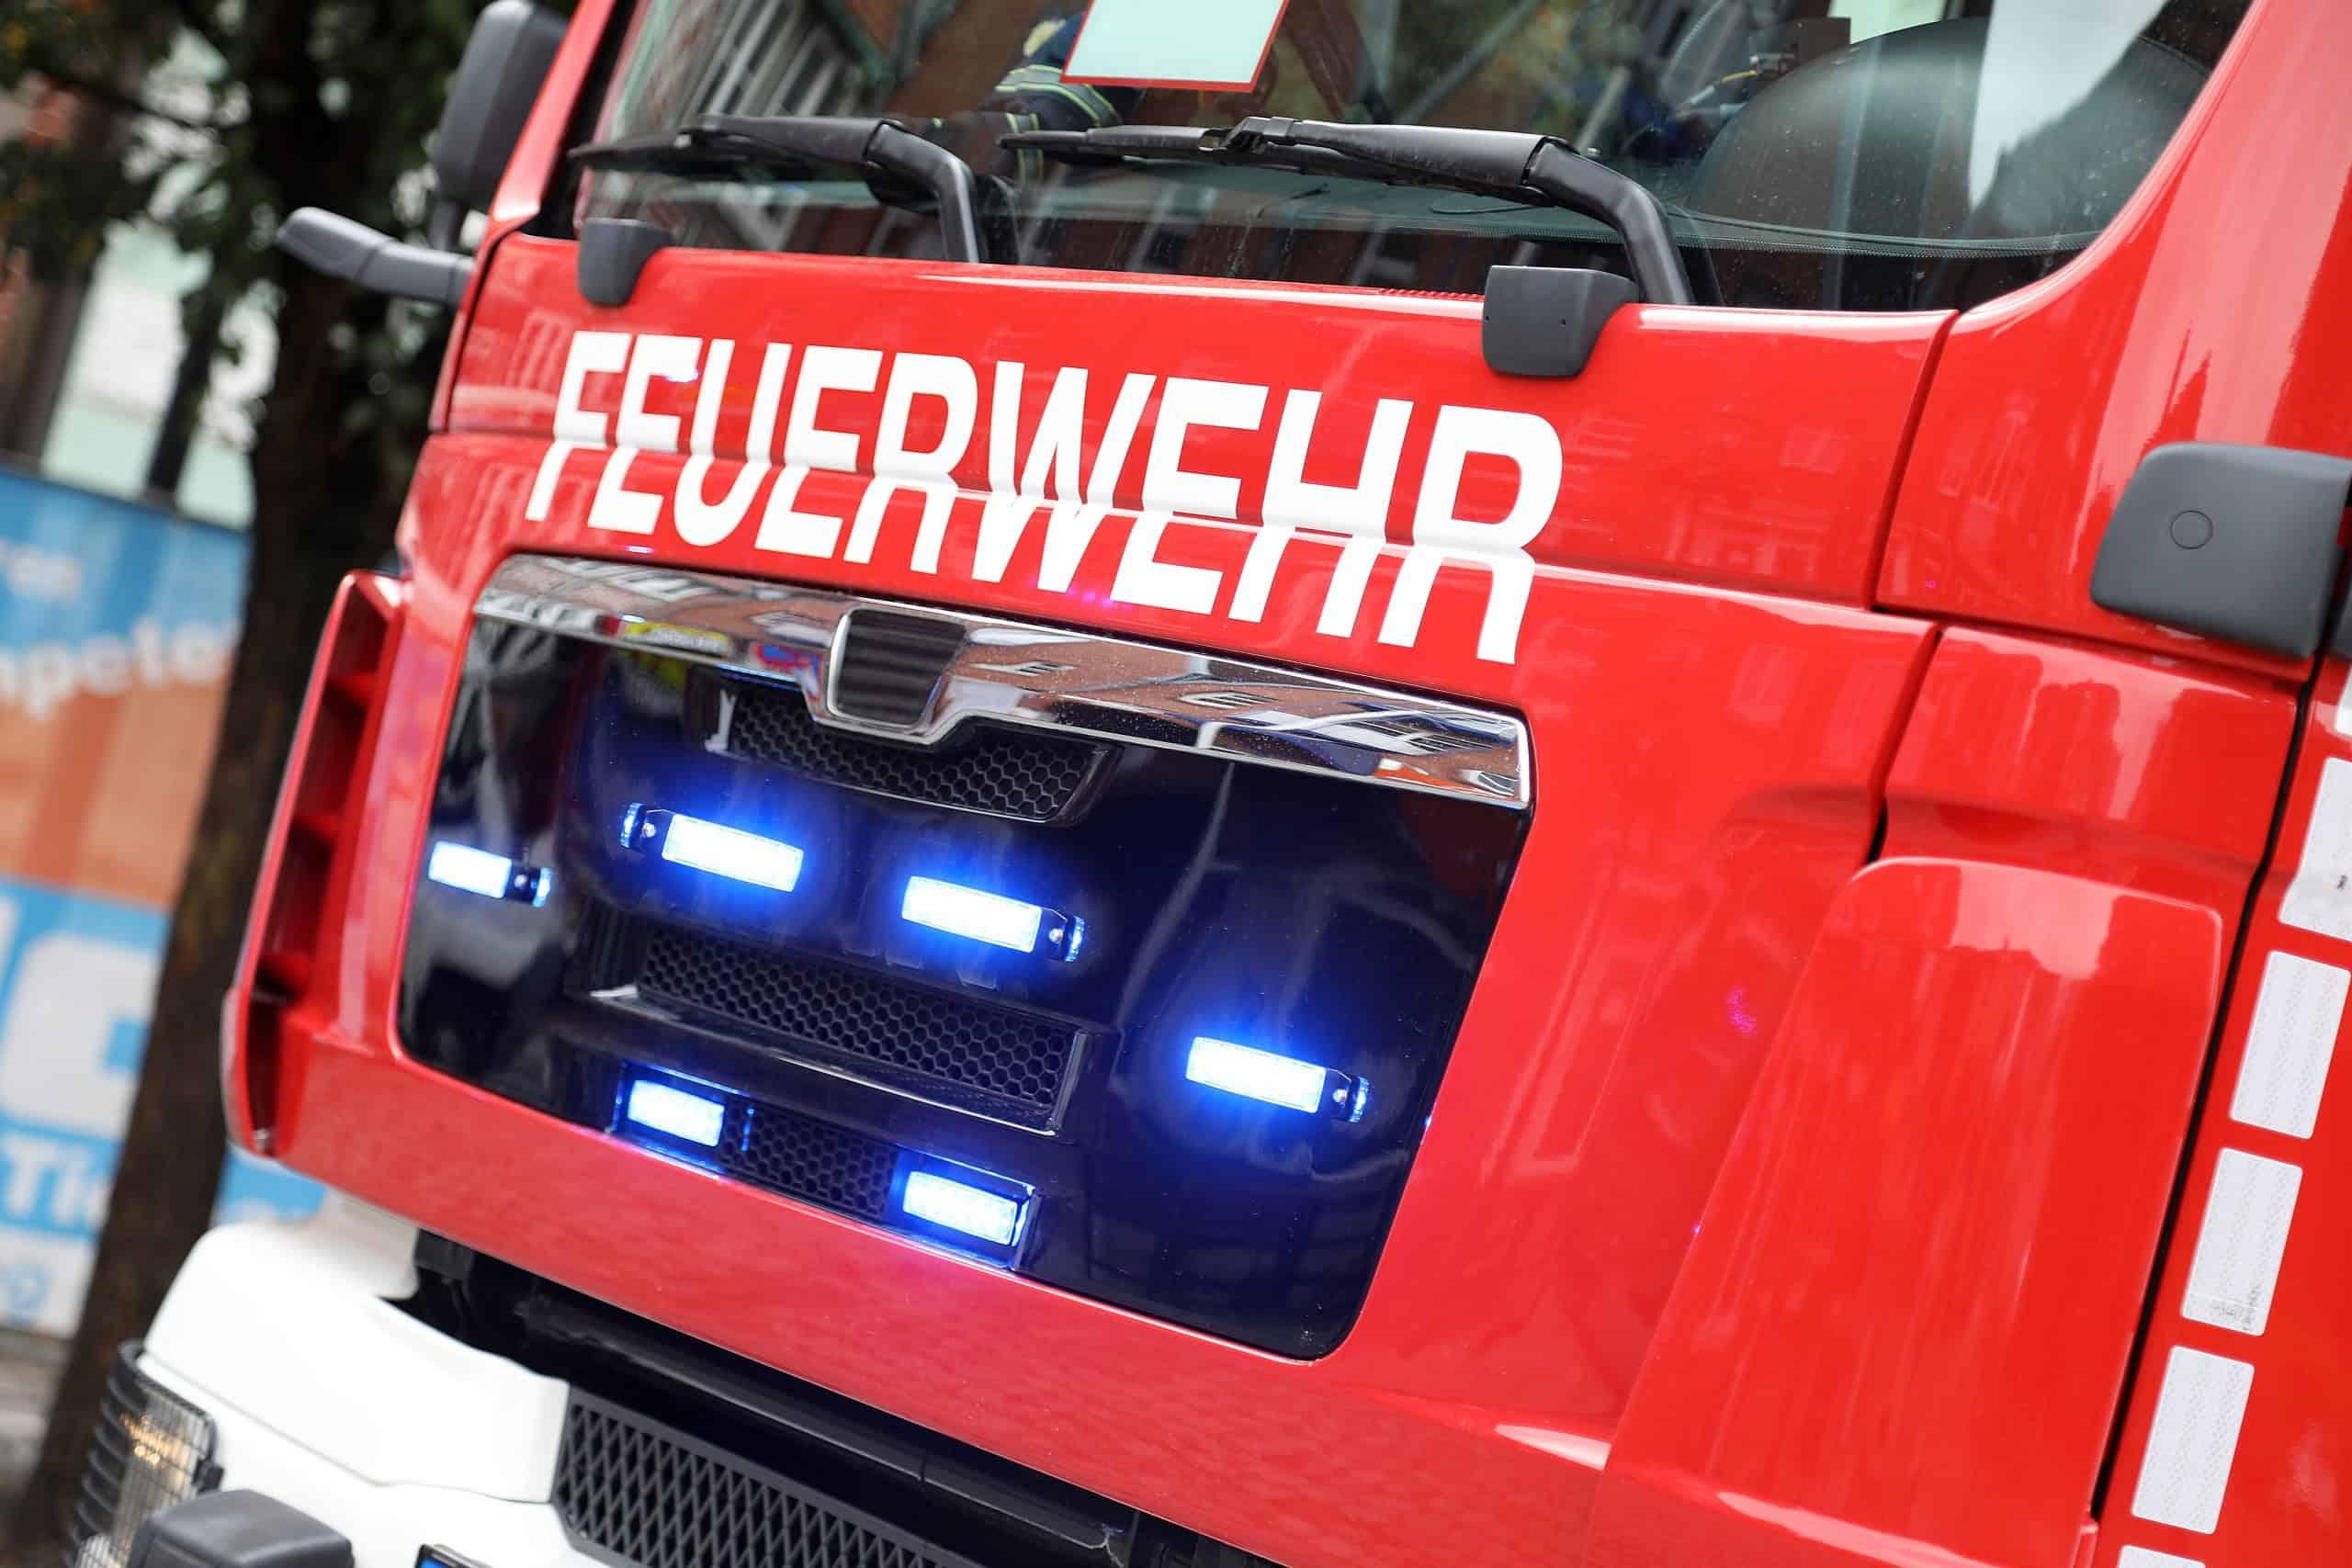 shutterstock_1842755839_feuerwehr-scaled